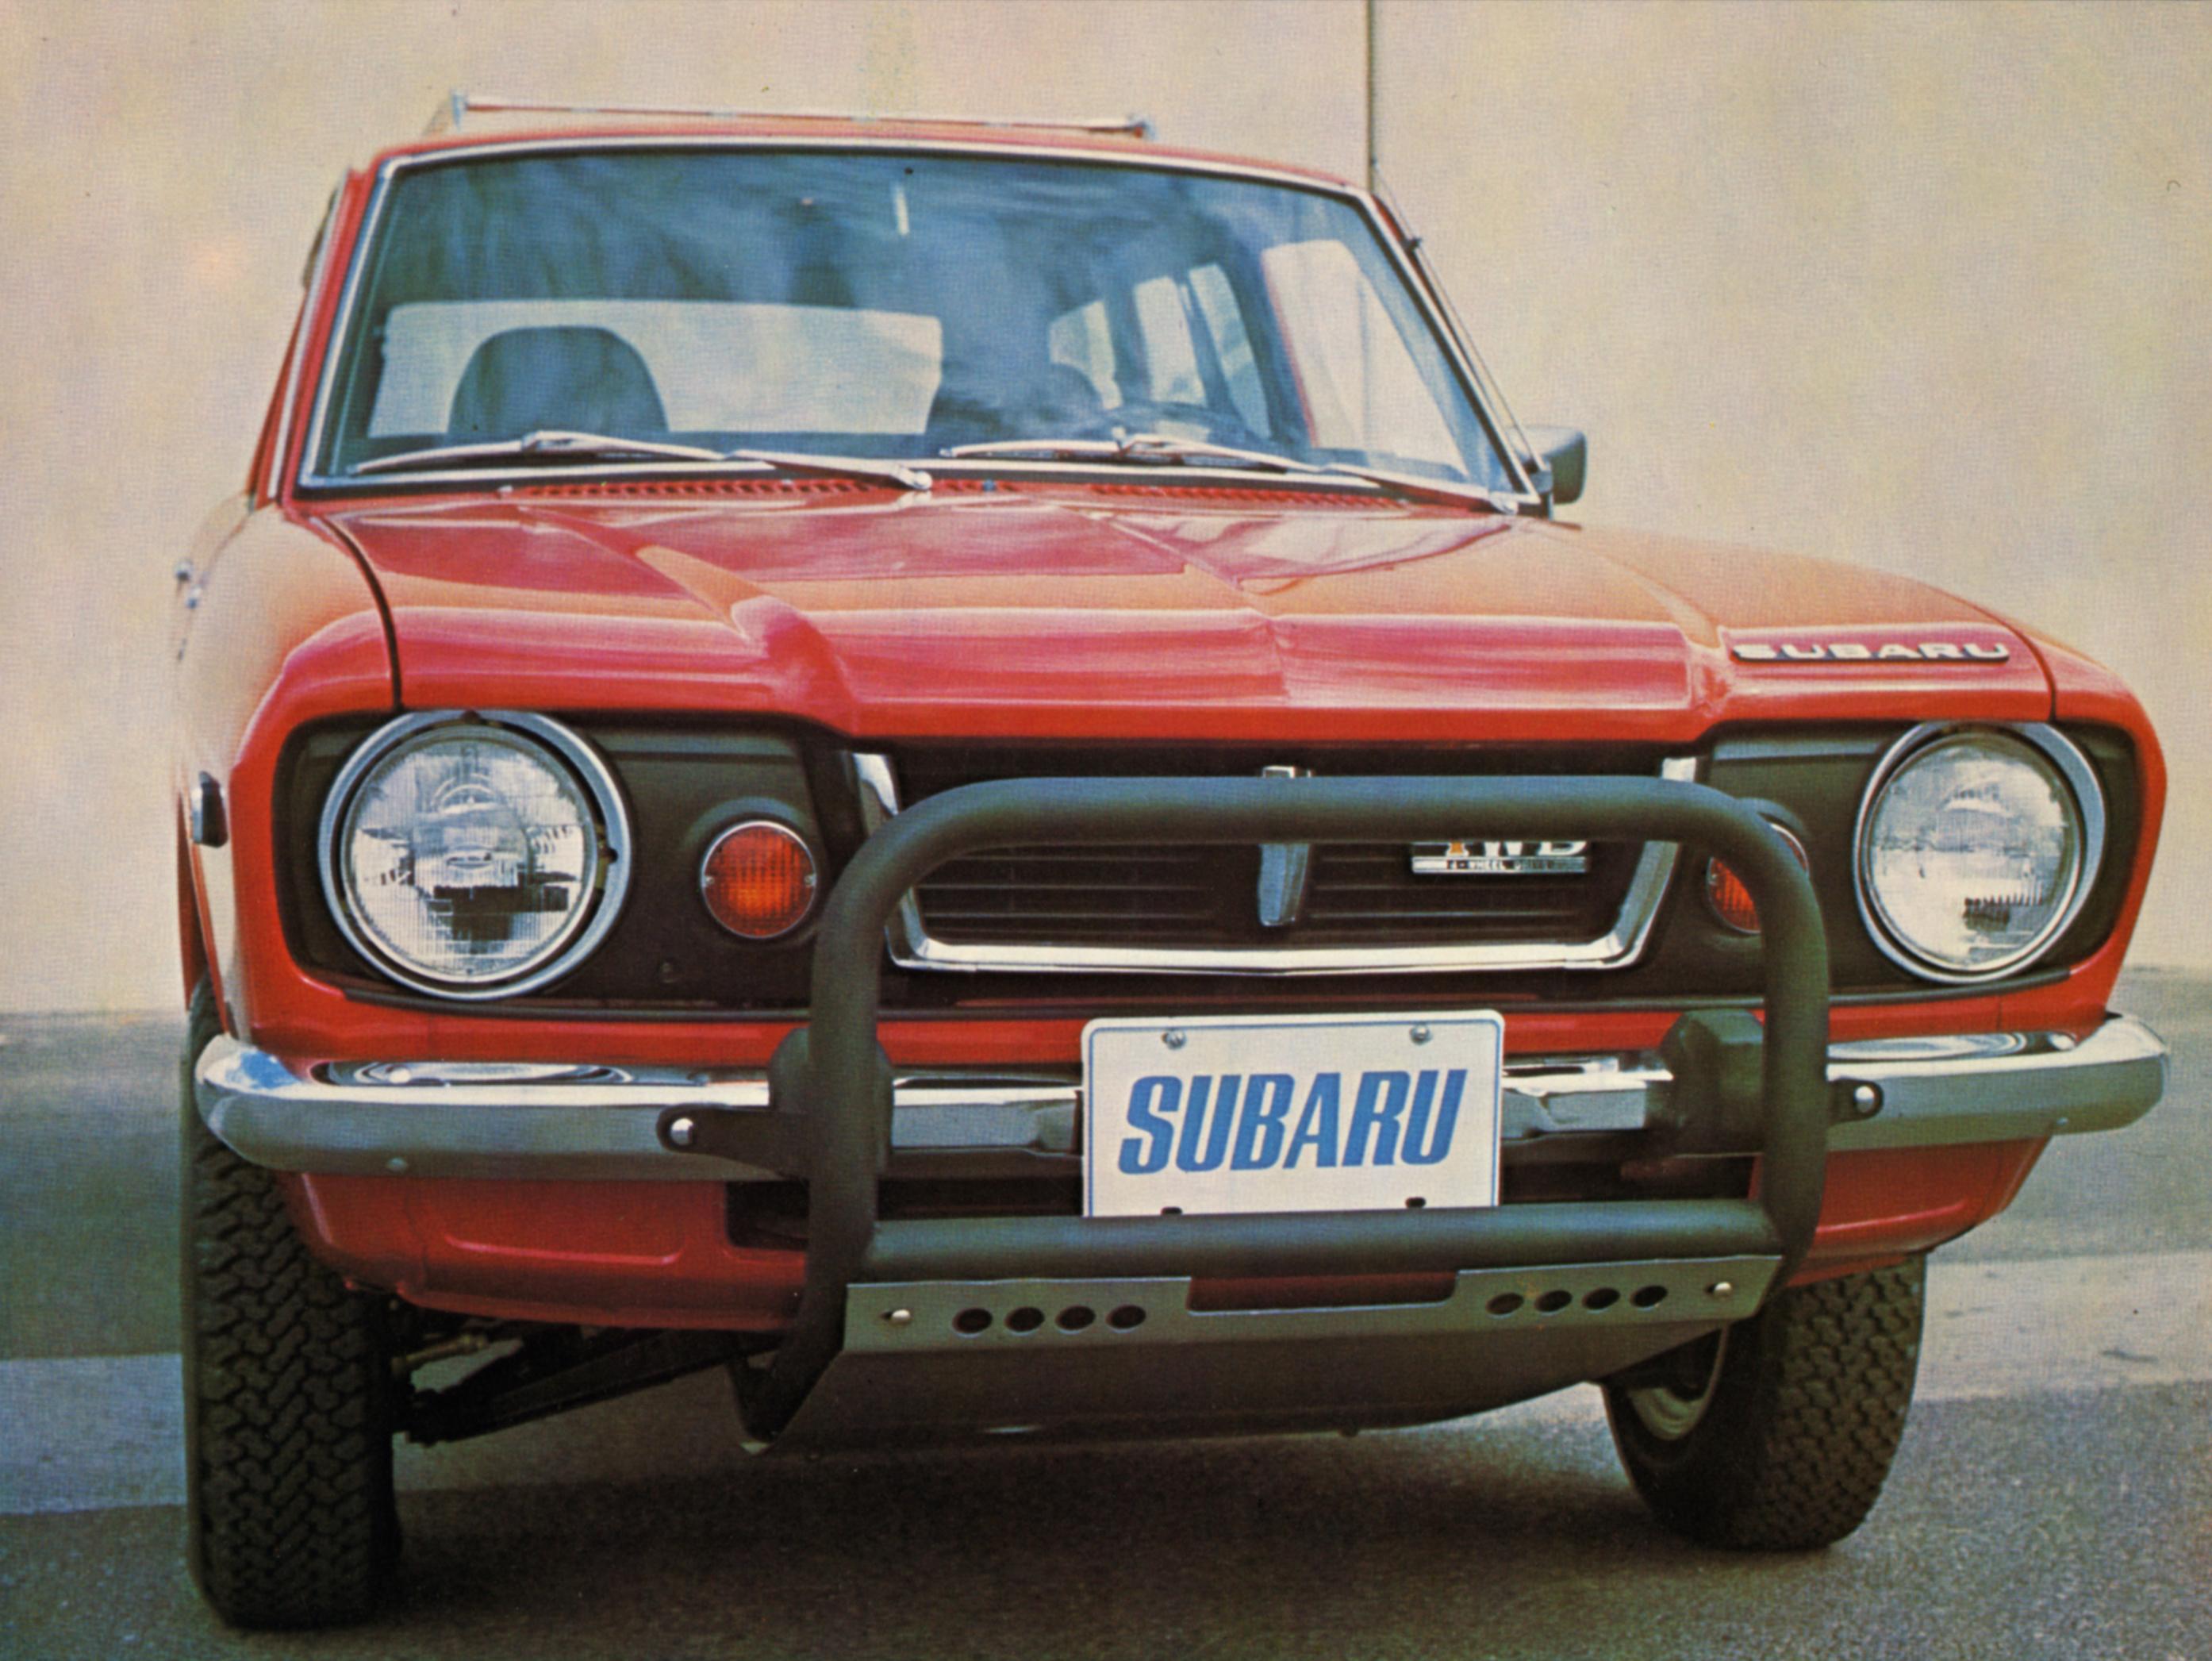 Subaru DL-GL Wagon